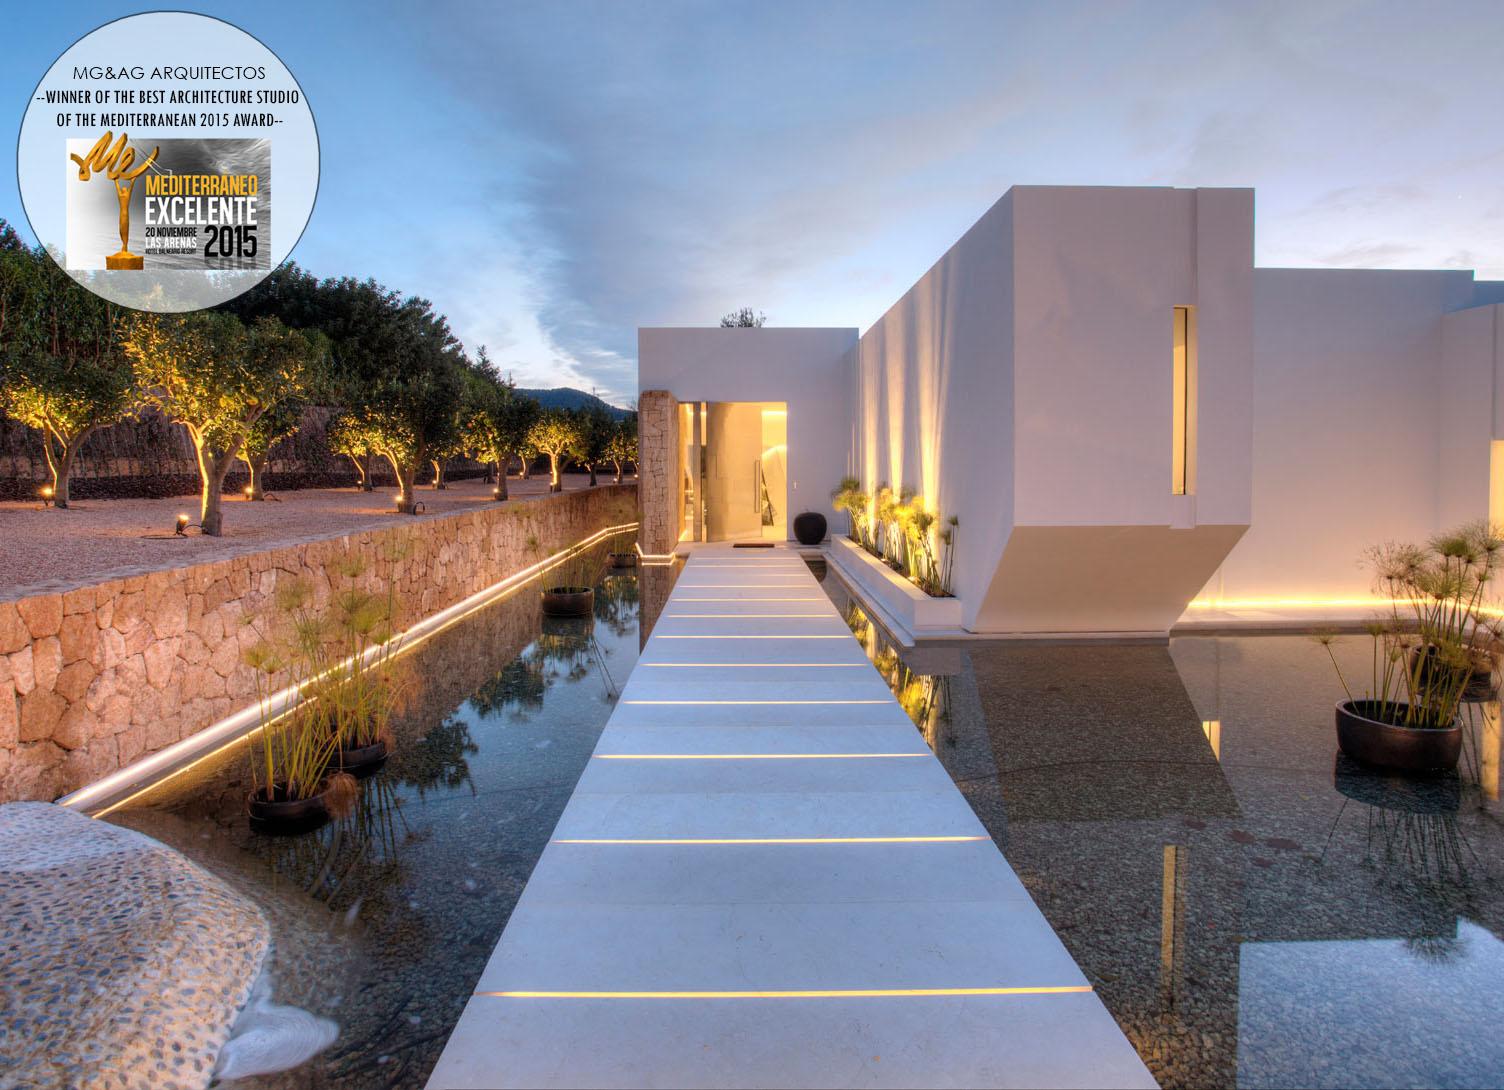 Casa ibiza ibiza house 1 mg ag arquitectos - Arquitectos ibiza ...